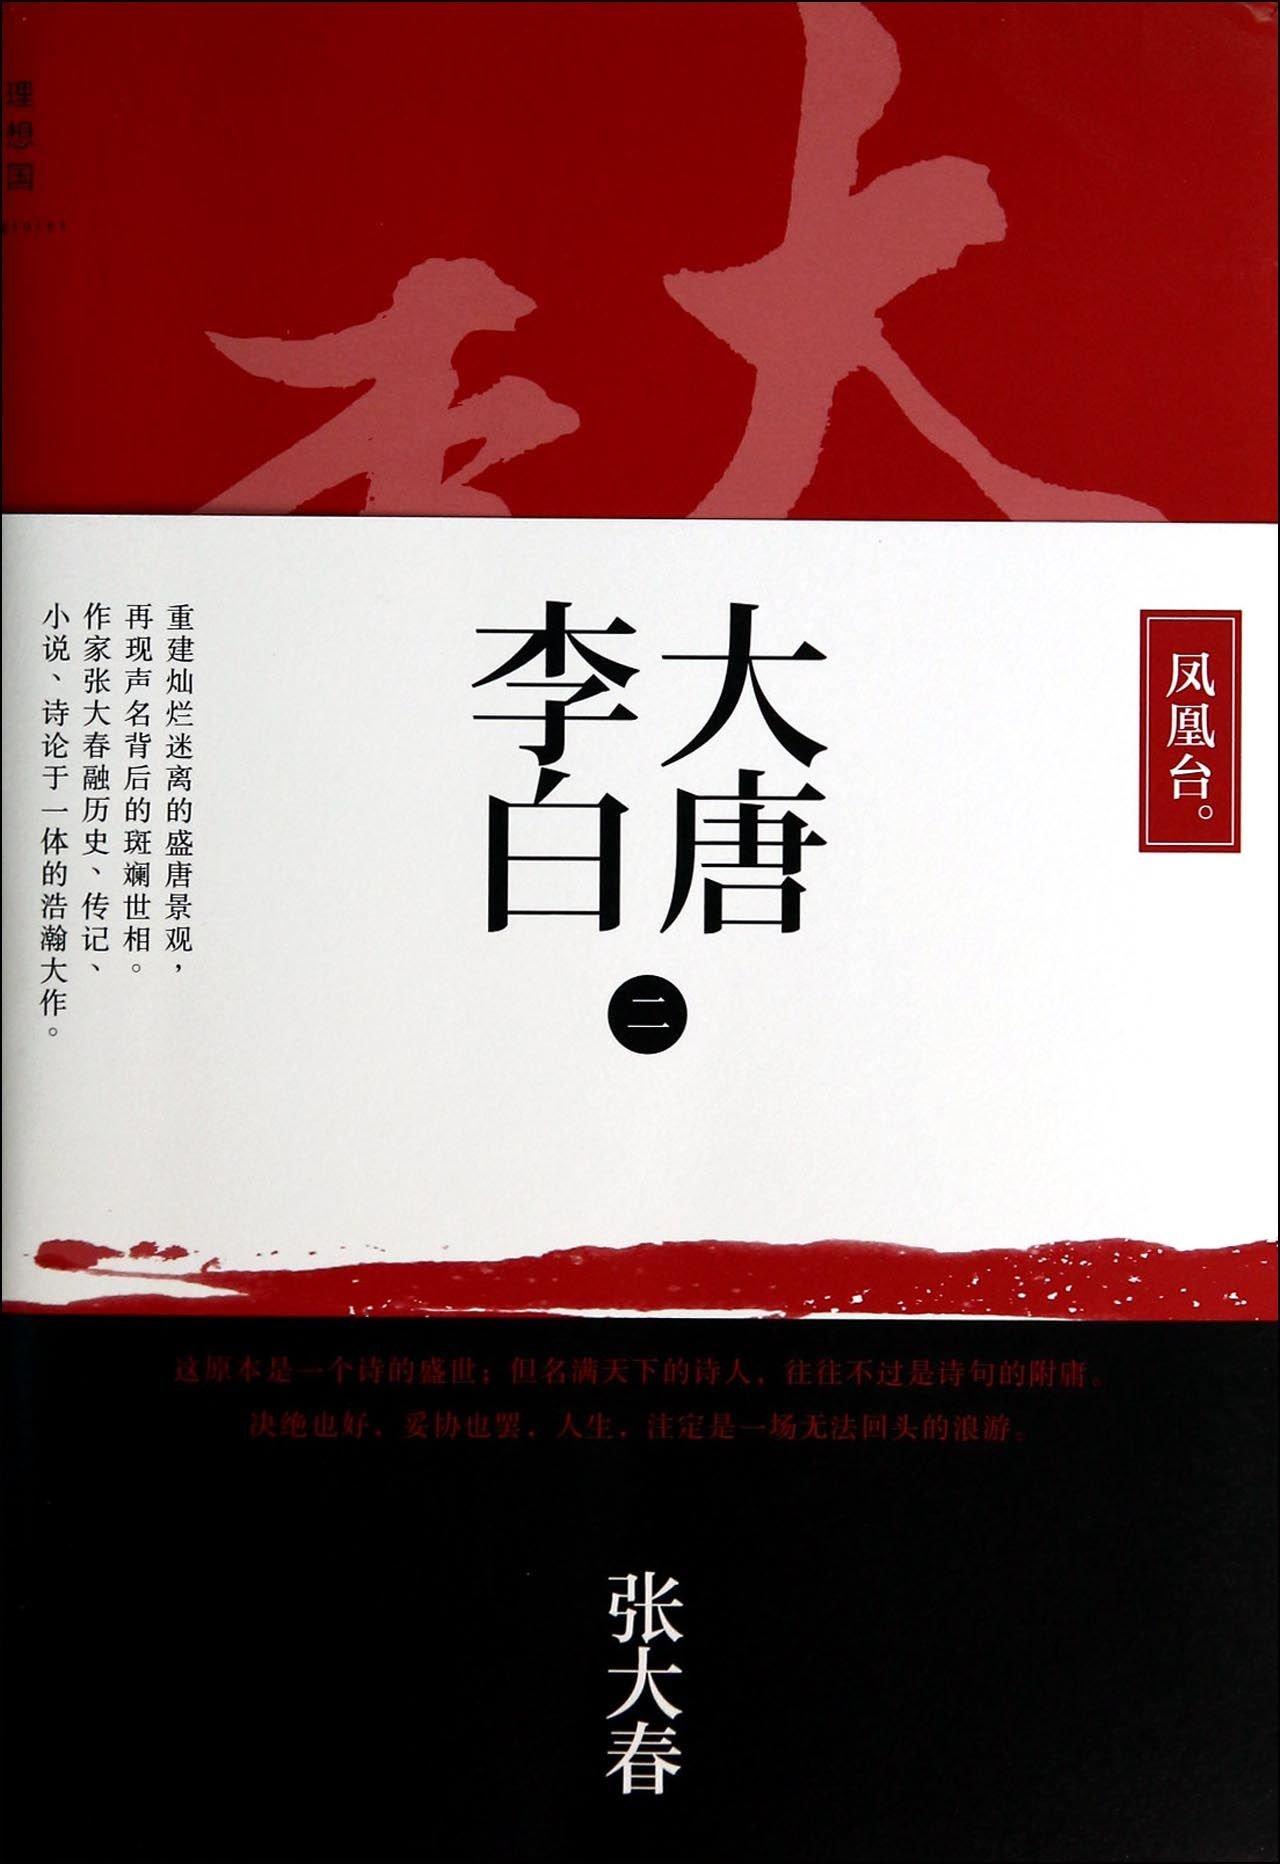 Li Bai (2 Phoenix Palace)(Chinese Edition) pdf